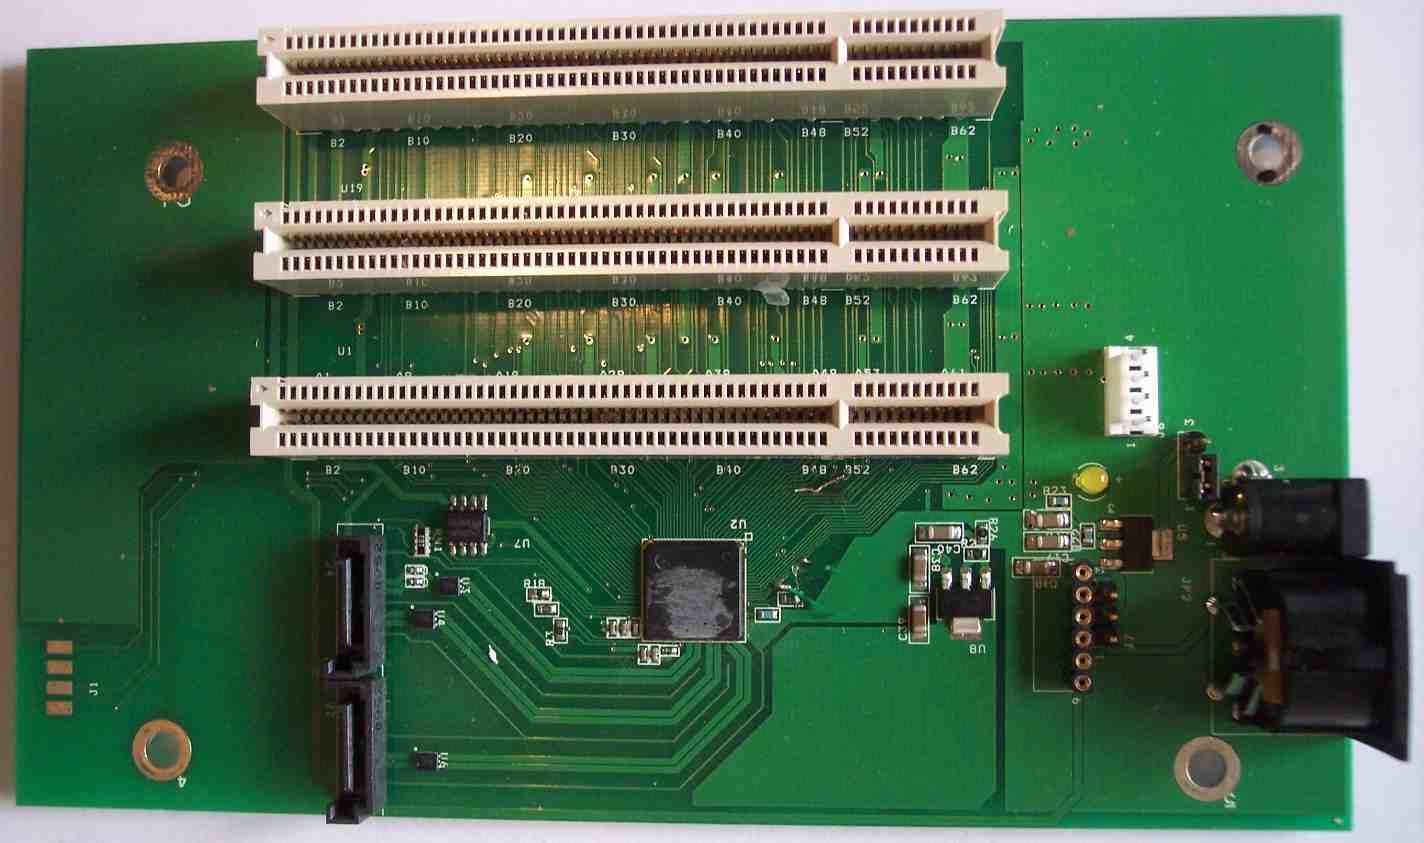 XPRS PCI X3